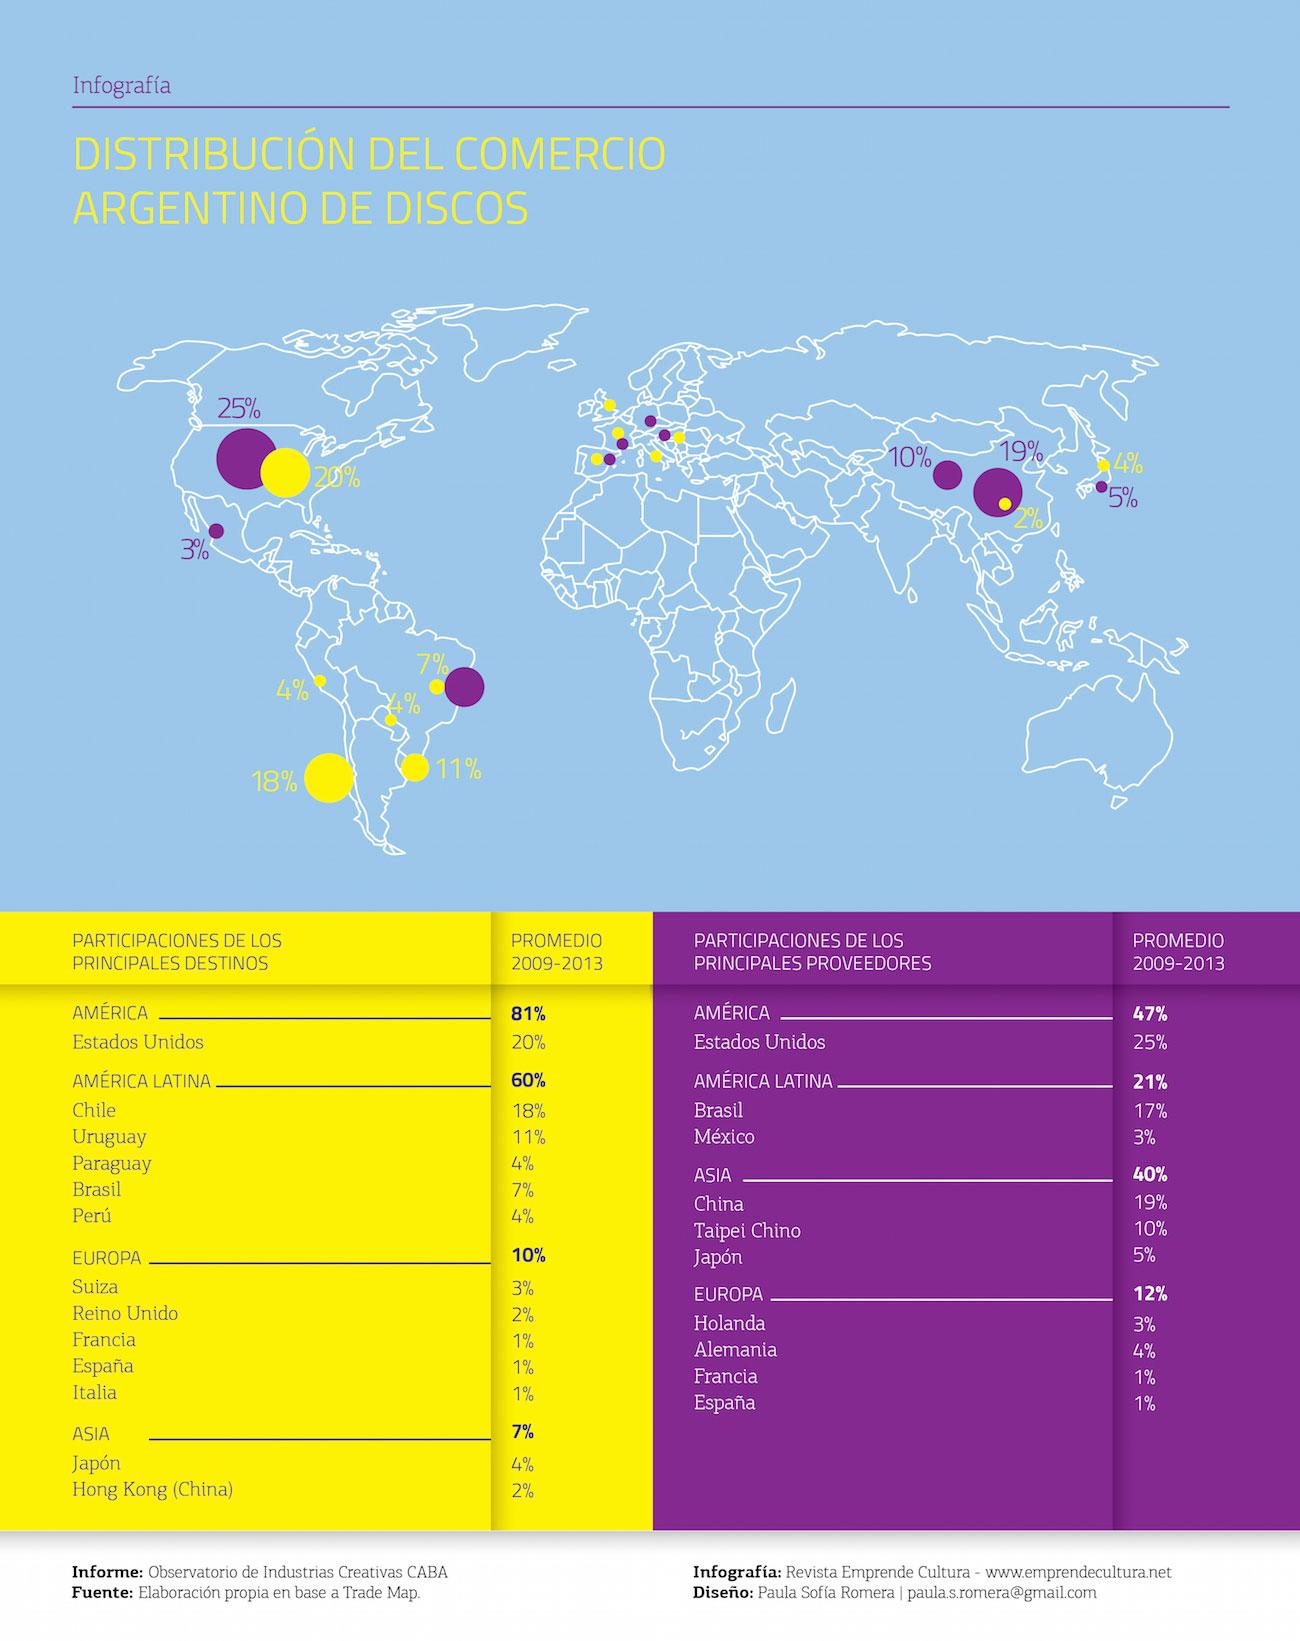 Distribución del comercio argentino de discos